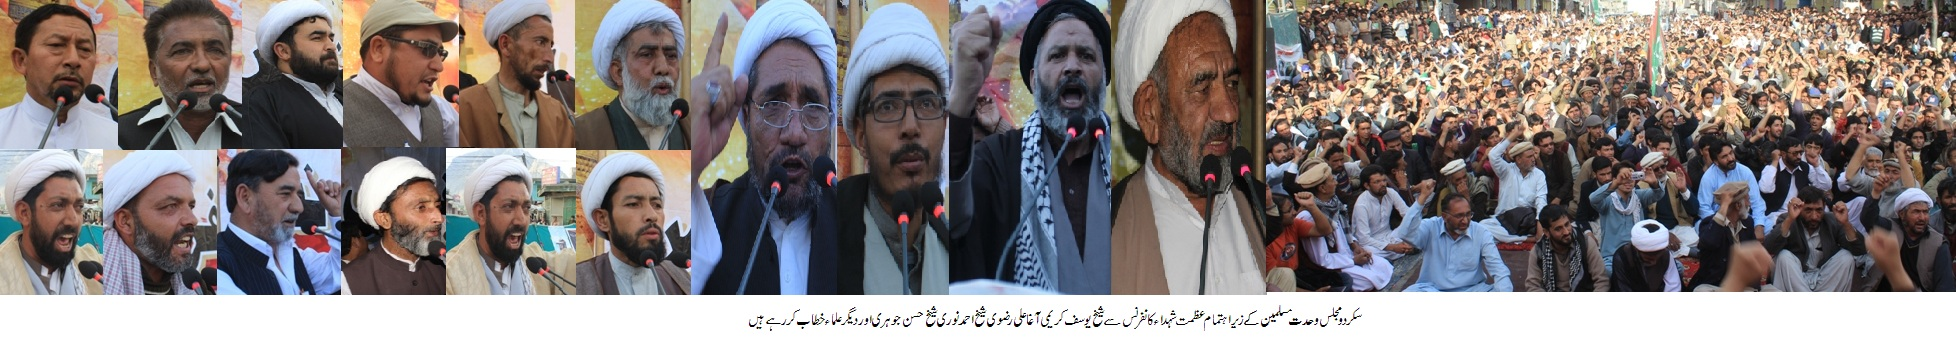 مجلس وحدت مسلمین بلتستان کے زیراہتمام عظیم الشان شہدا ء کانفرنس کا انعقاد، ہزاروں کی تعداد میں عوام شریک